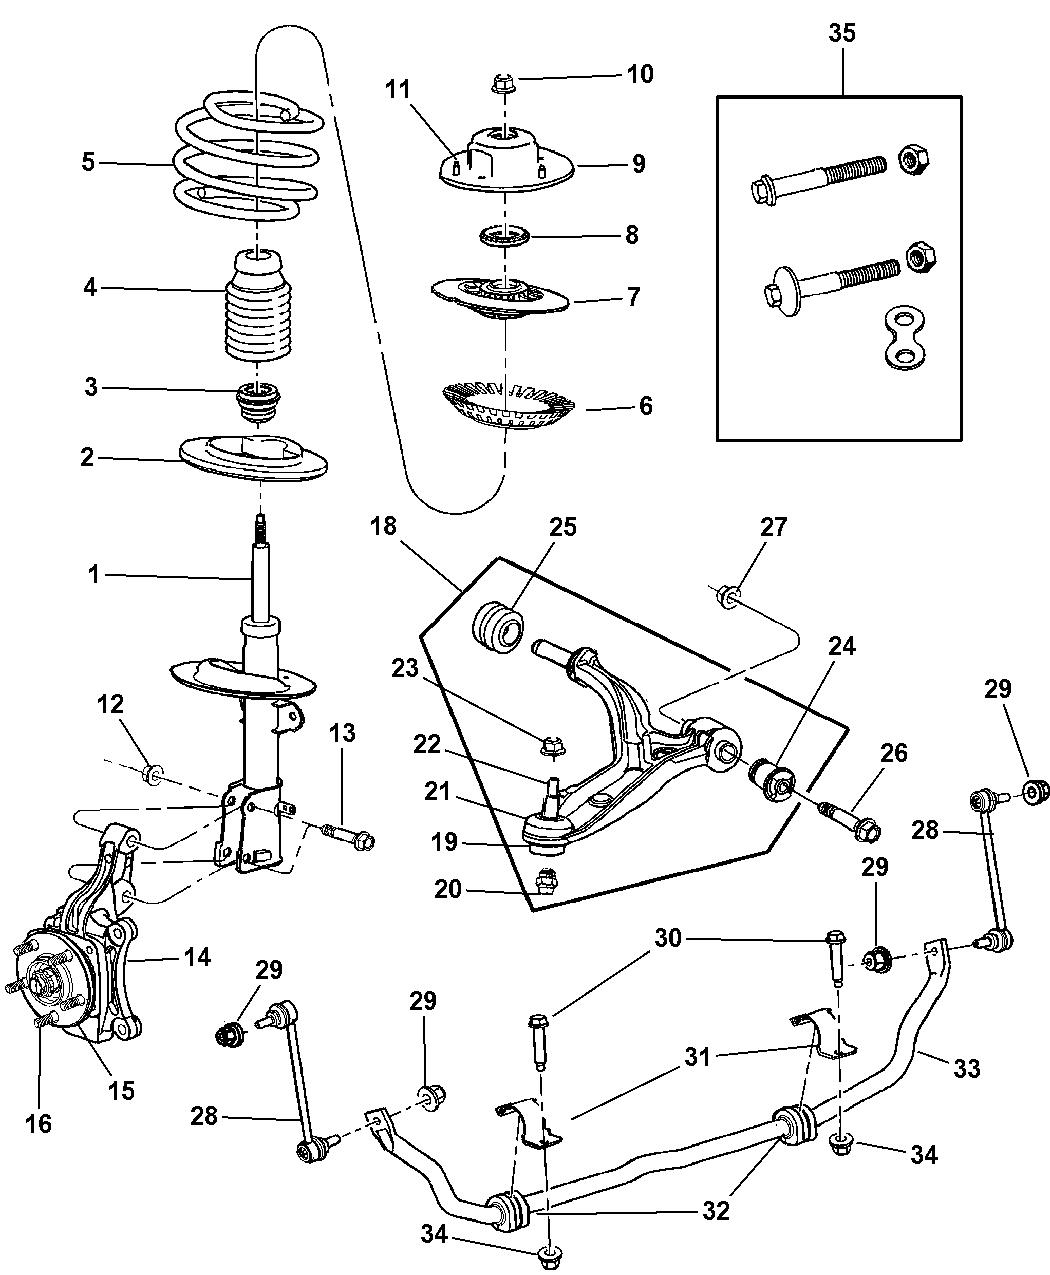 dodge parts diagram 2003 dodge caravan parts diagram 58b 49m wood mba nebenbei de  2003 dodge caravan parts diagram 58b